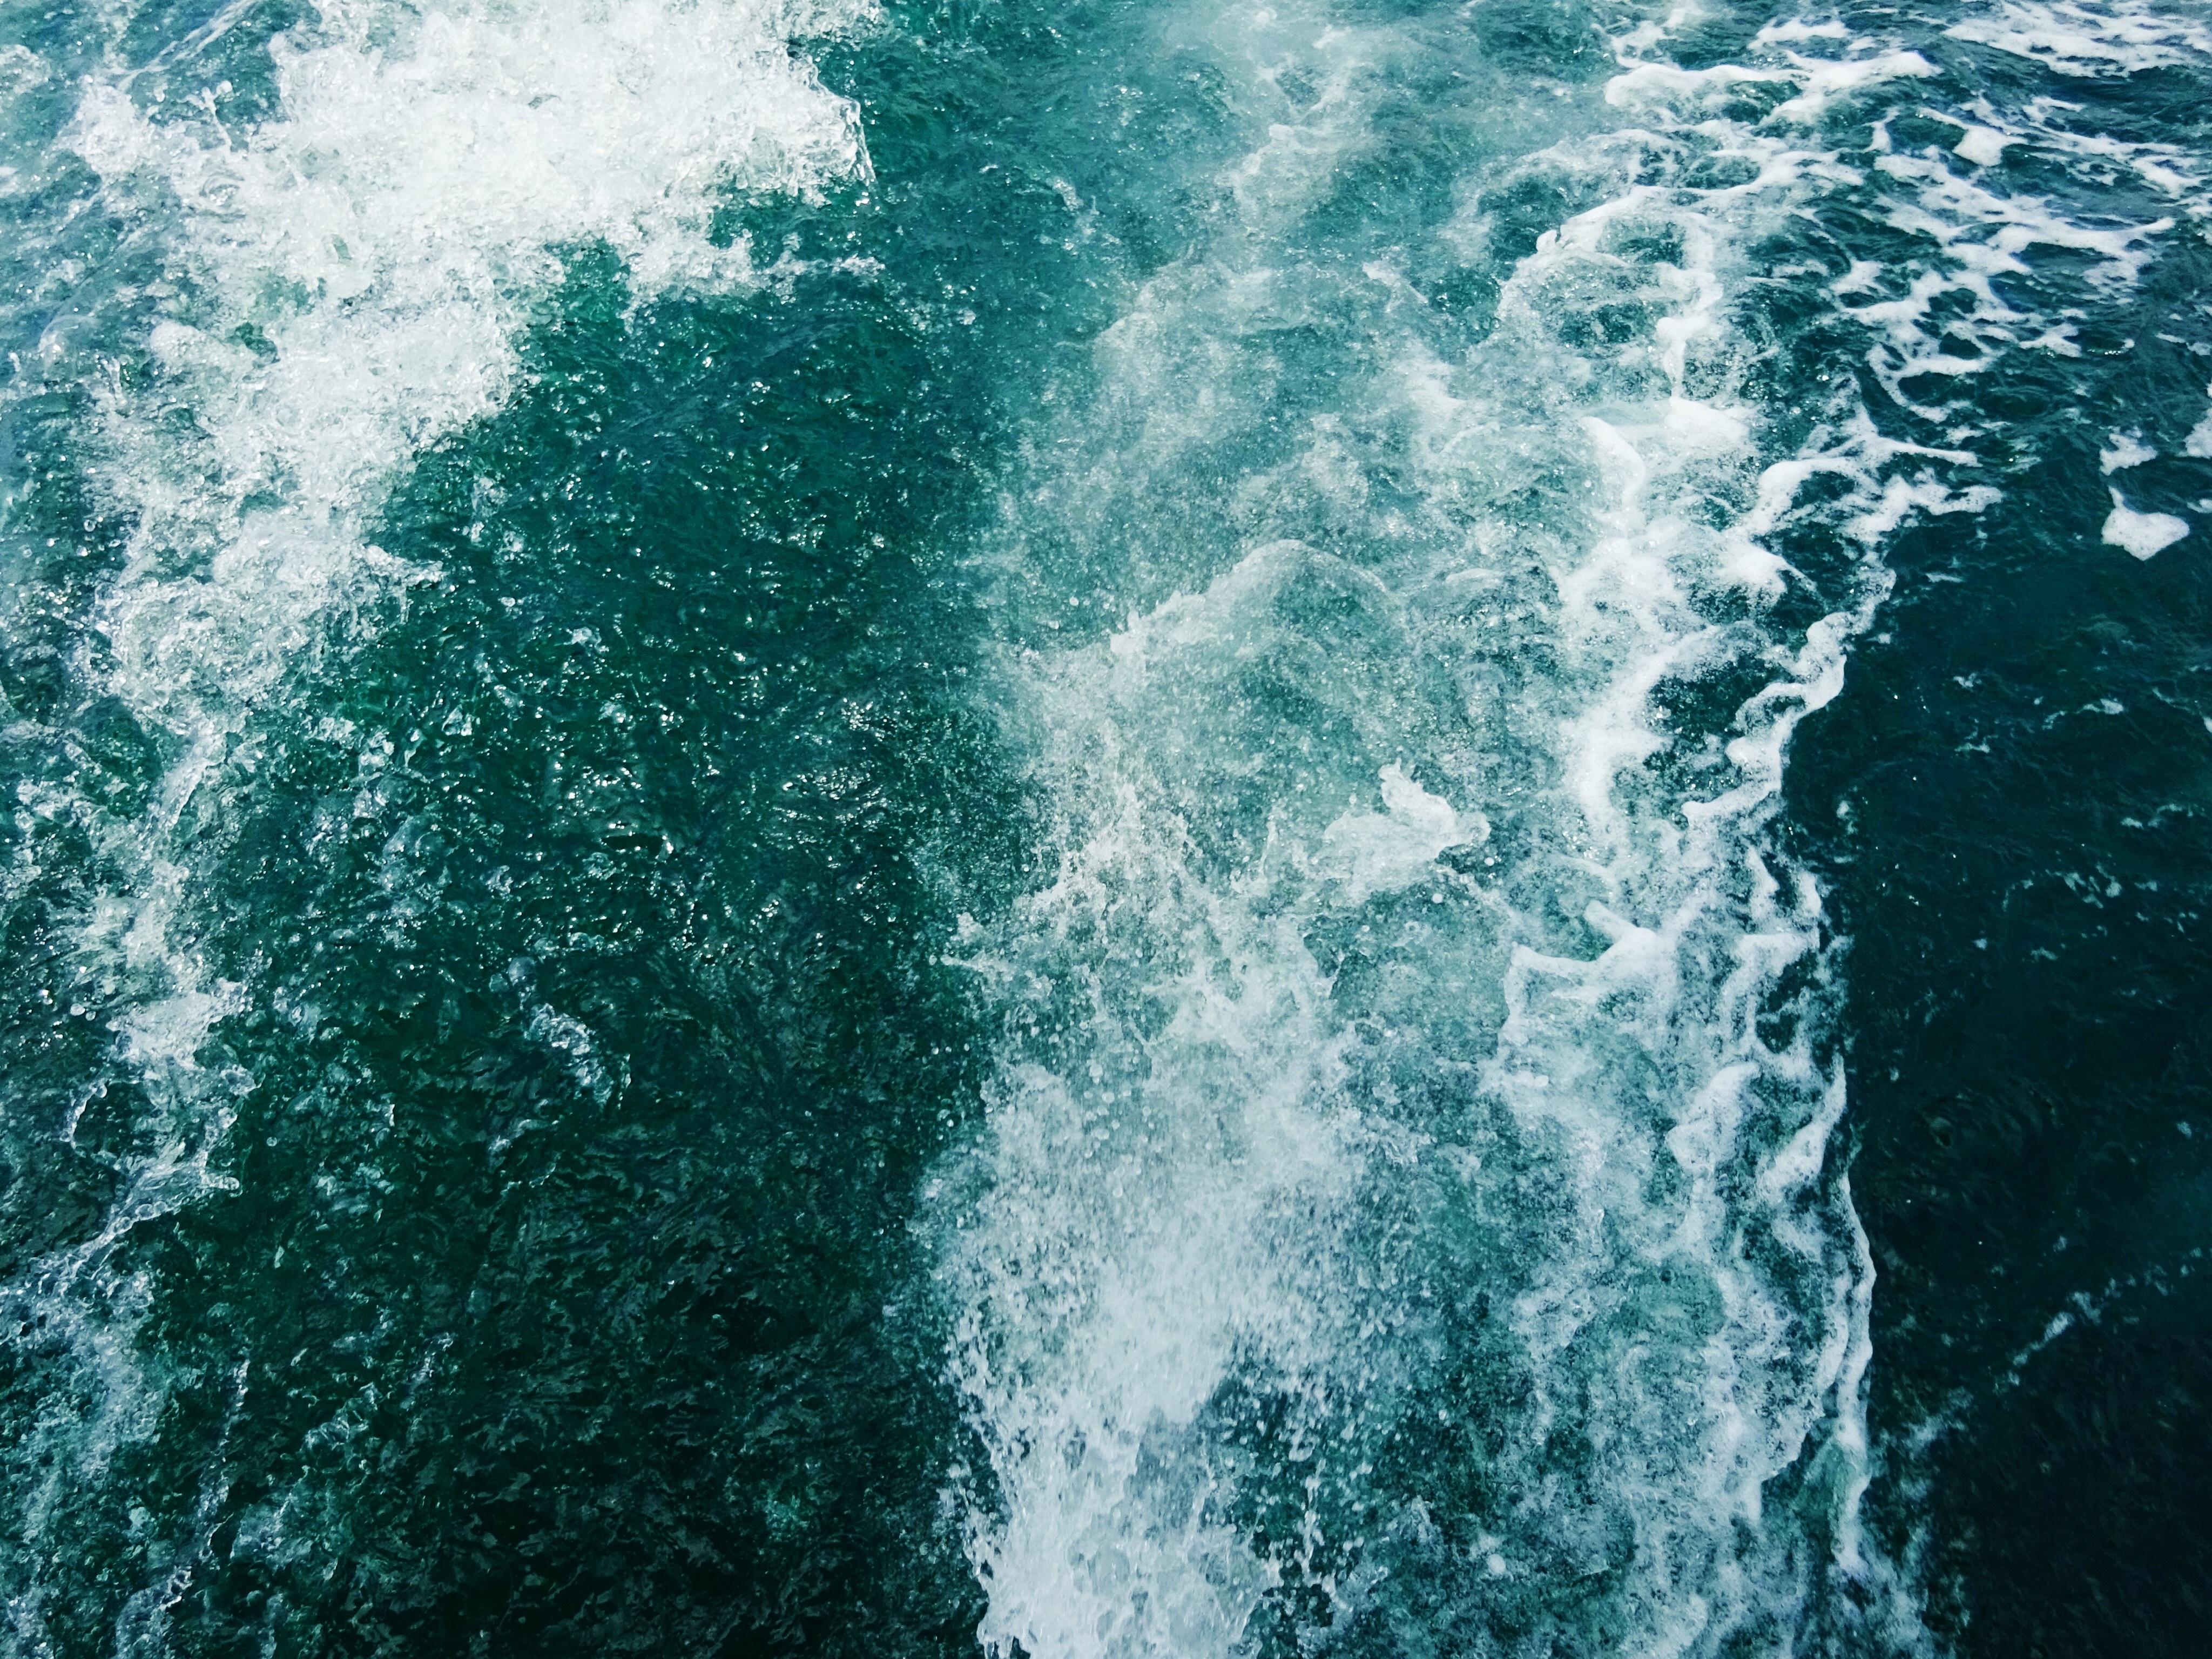 Gambar laut lautan gelombang bawah air mengalir